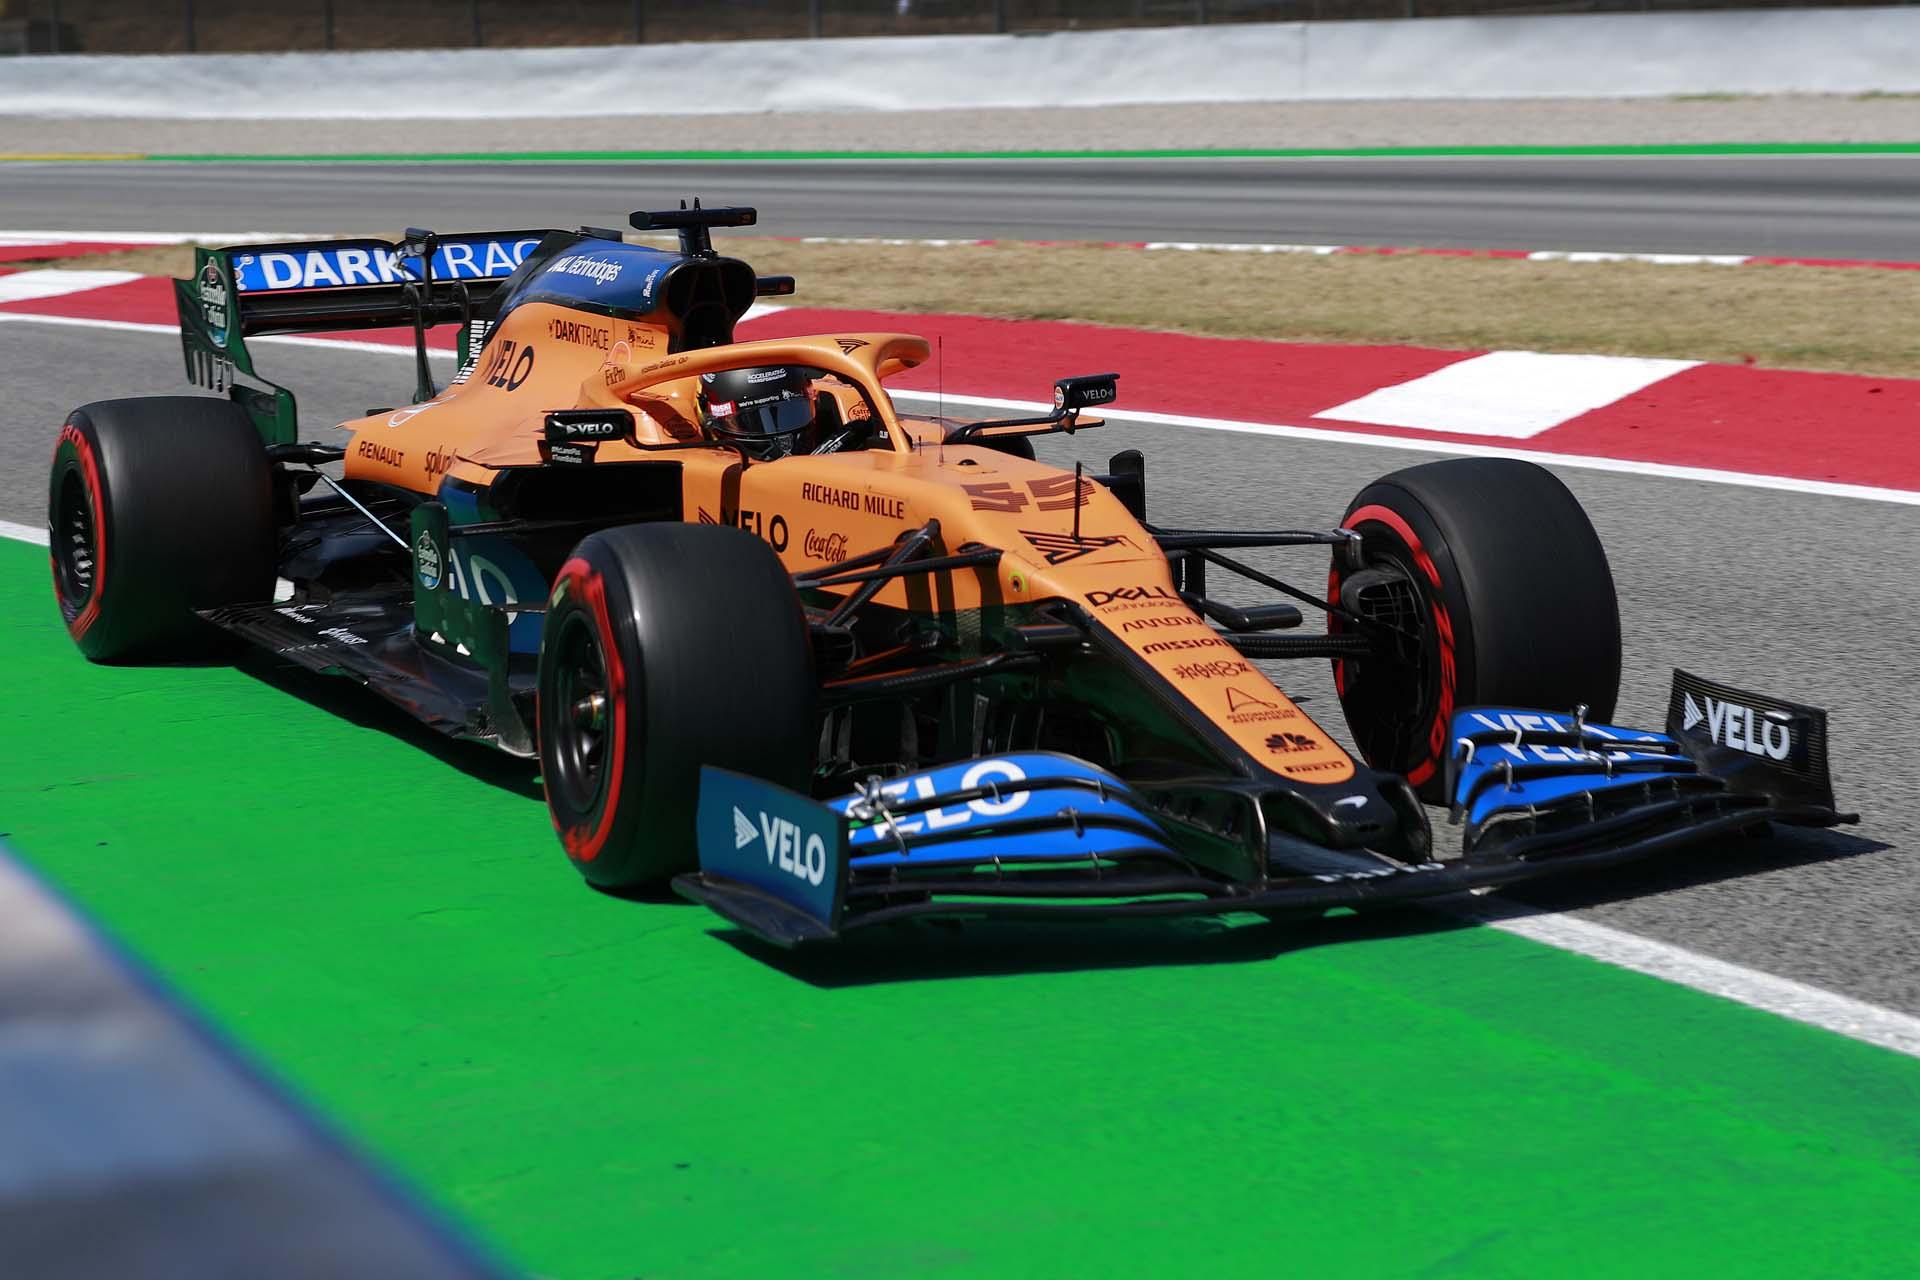 Carlos Sainz, McLaren MCL35, enters the pit lane